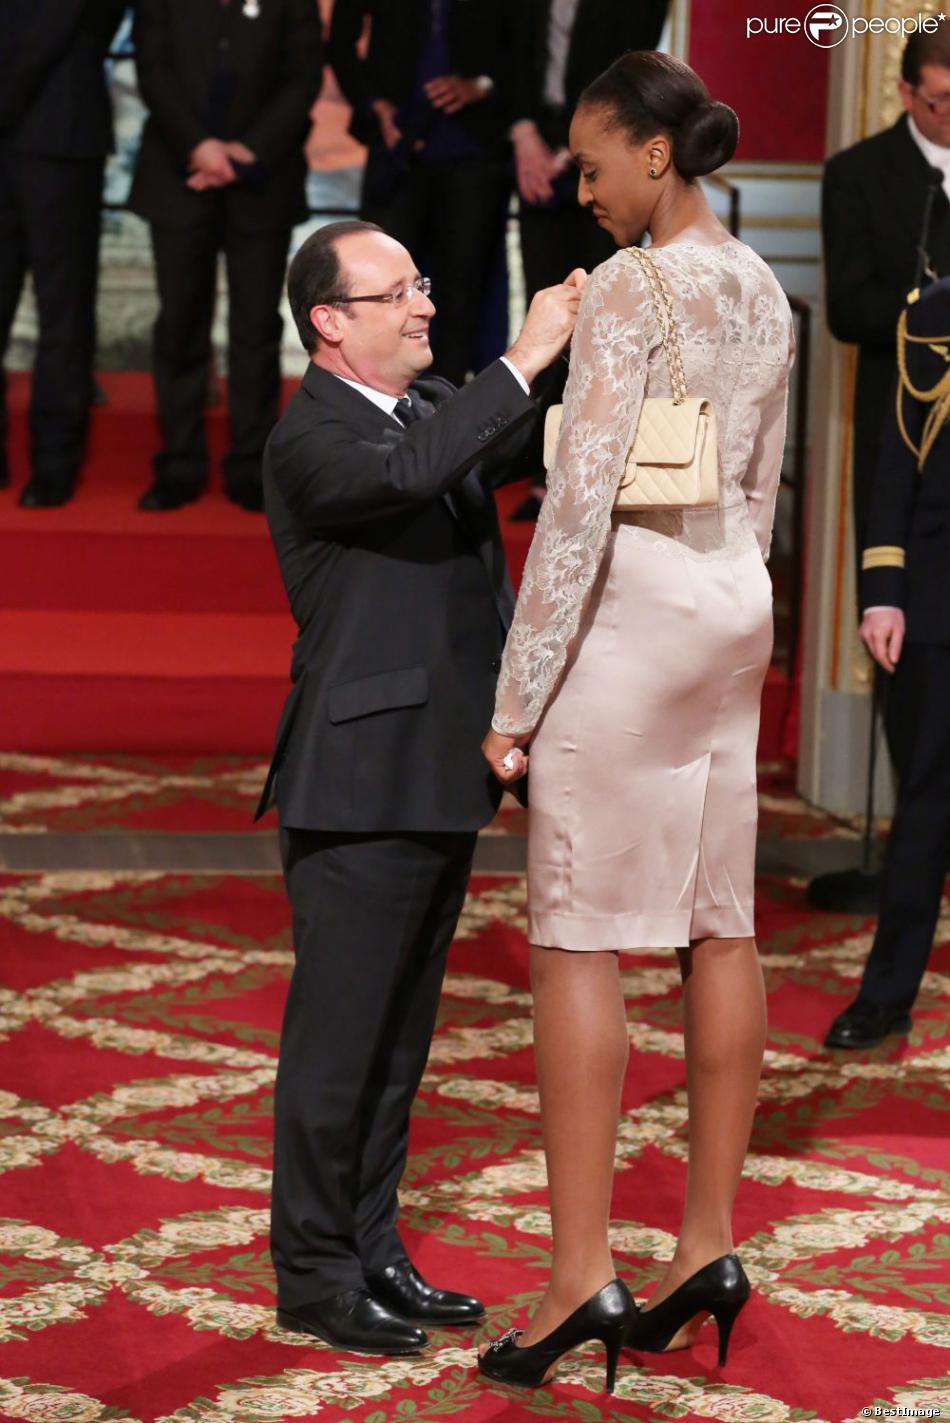 François Hollande et les filles de l'équipe de basket lors de la cérémonie de remise de la Légion d'honneur aux sportifs médaillés à Londres lors des Jeux olympiques, au palais de l'Elysée le 1er mars 2013 à Paris